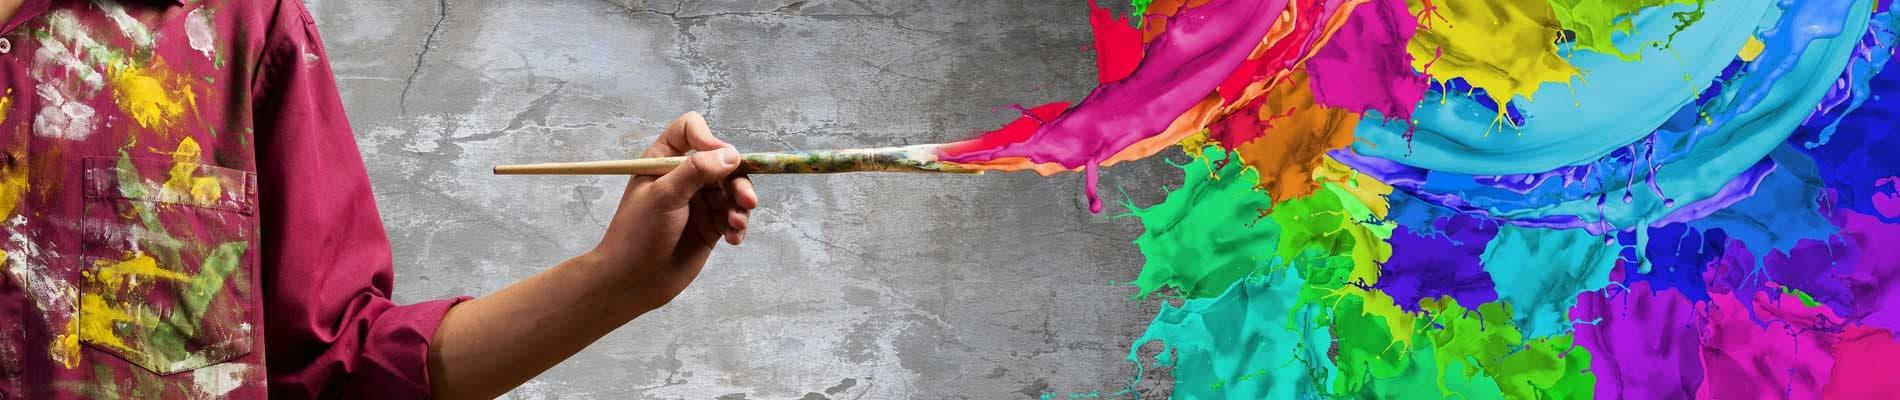 Tèxtil: macramé, patchwork, brodats, boixets, punt de creu i complements